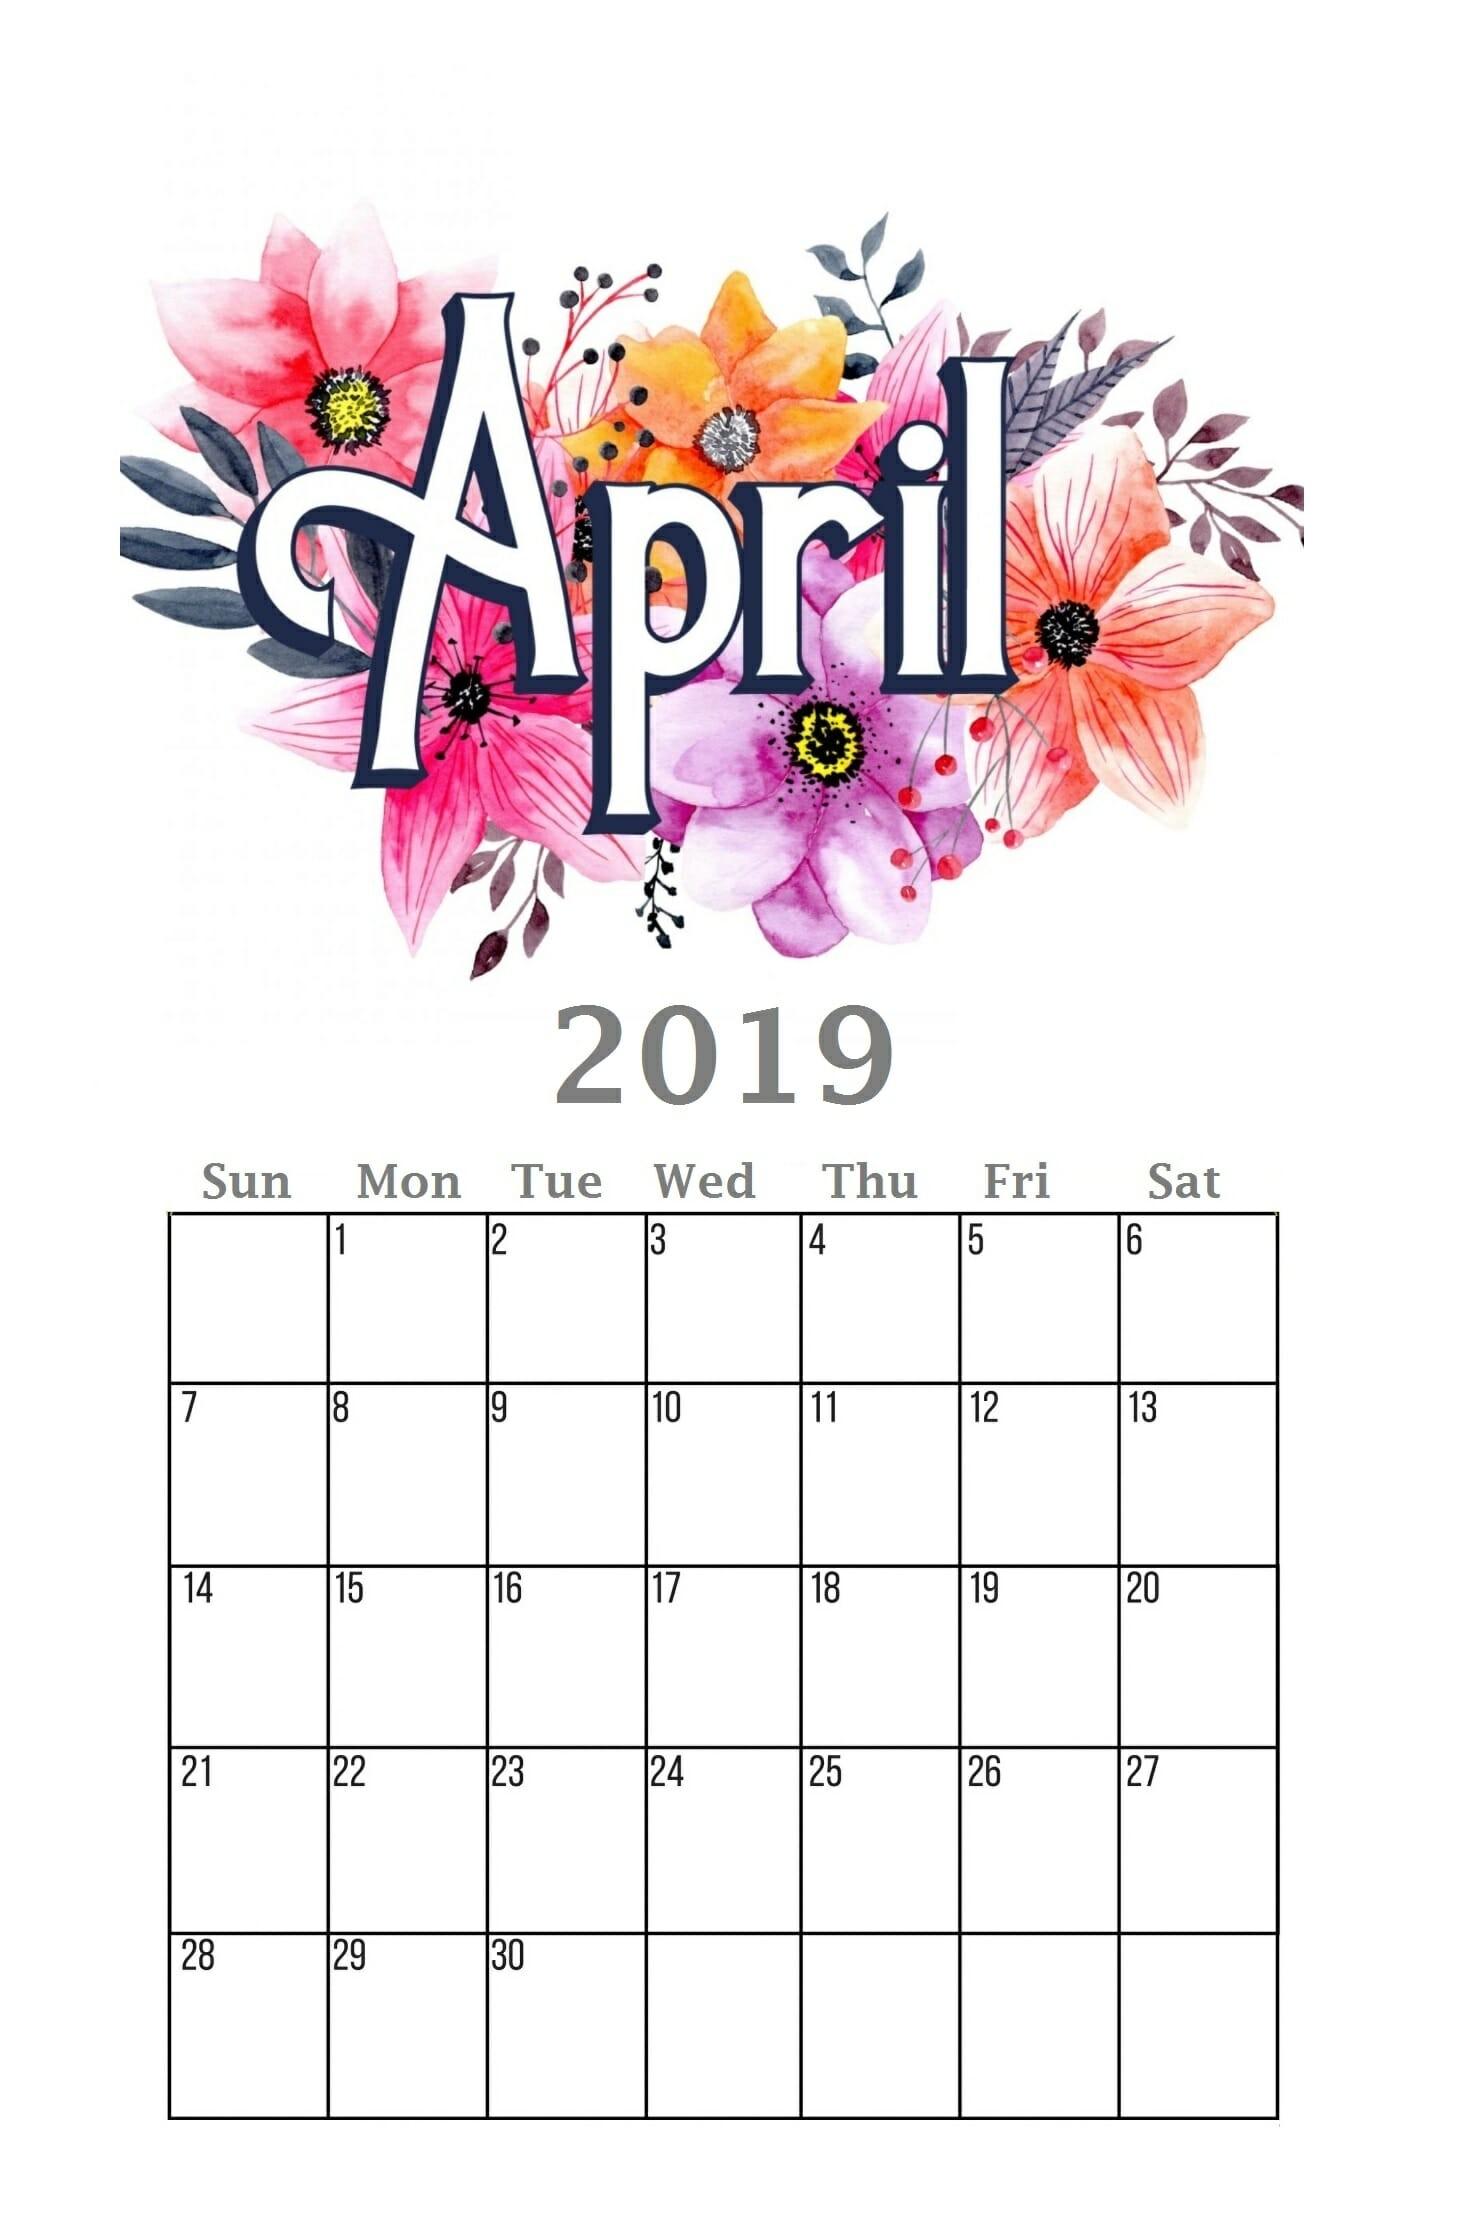 Calendario 2020 Mes De Febrero Más Arriba-a-fecha Calendario Festivos Colombia 2019 Takvim Kalender Hd Of Calendario 2020 Mes De Febrero Más Arriba-a-fecha Descargar Cuadrante Mensual De Horas Trabajadas 2019